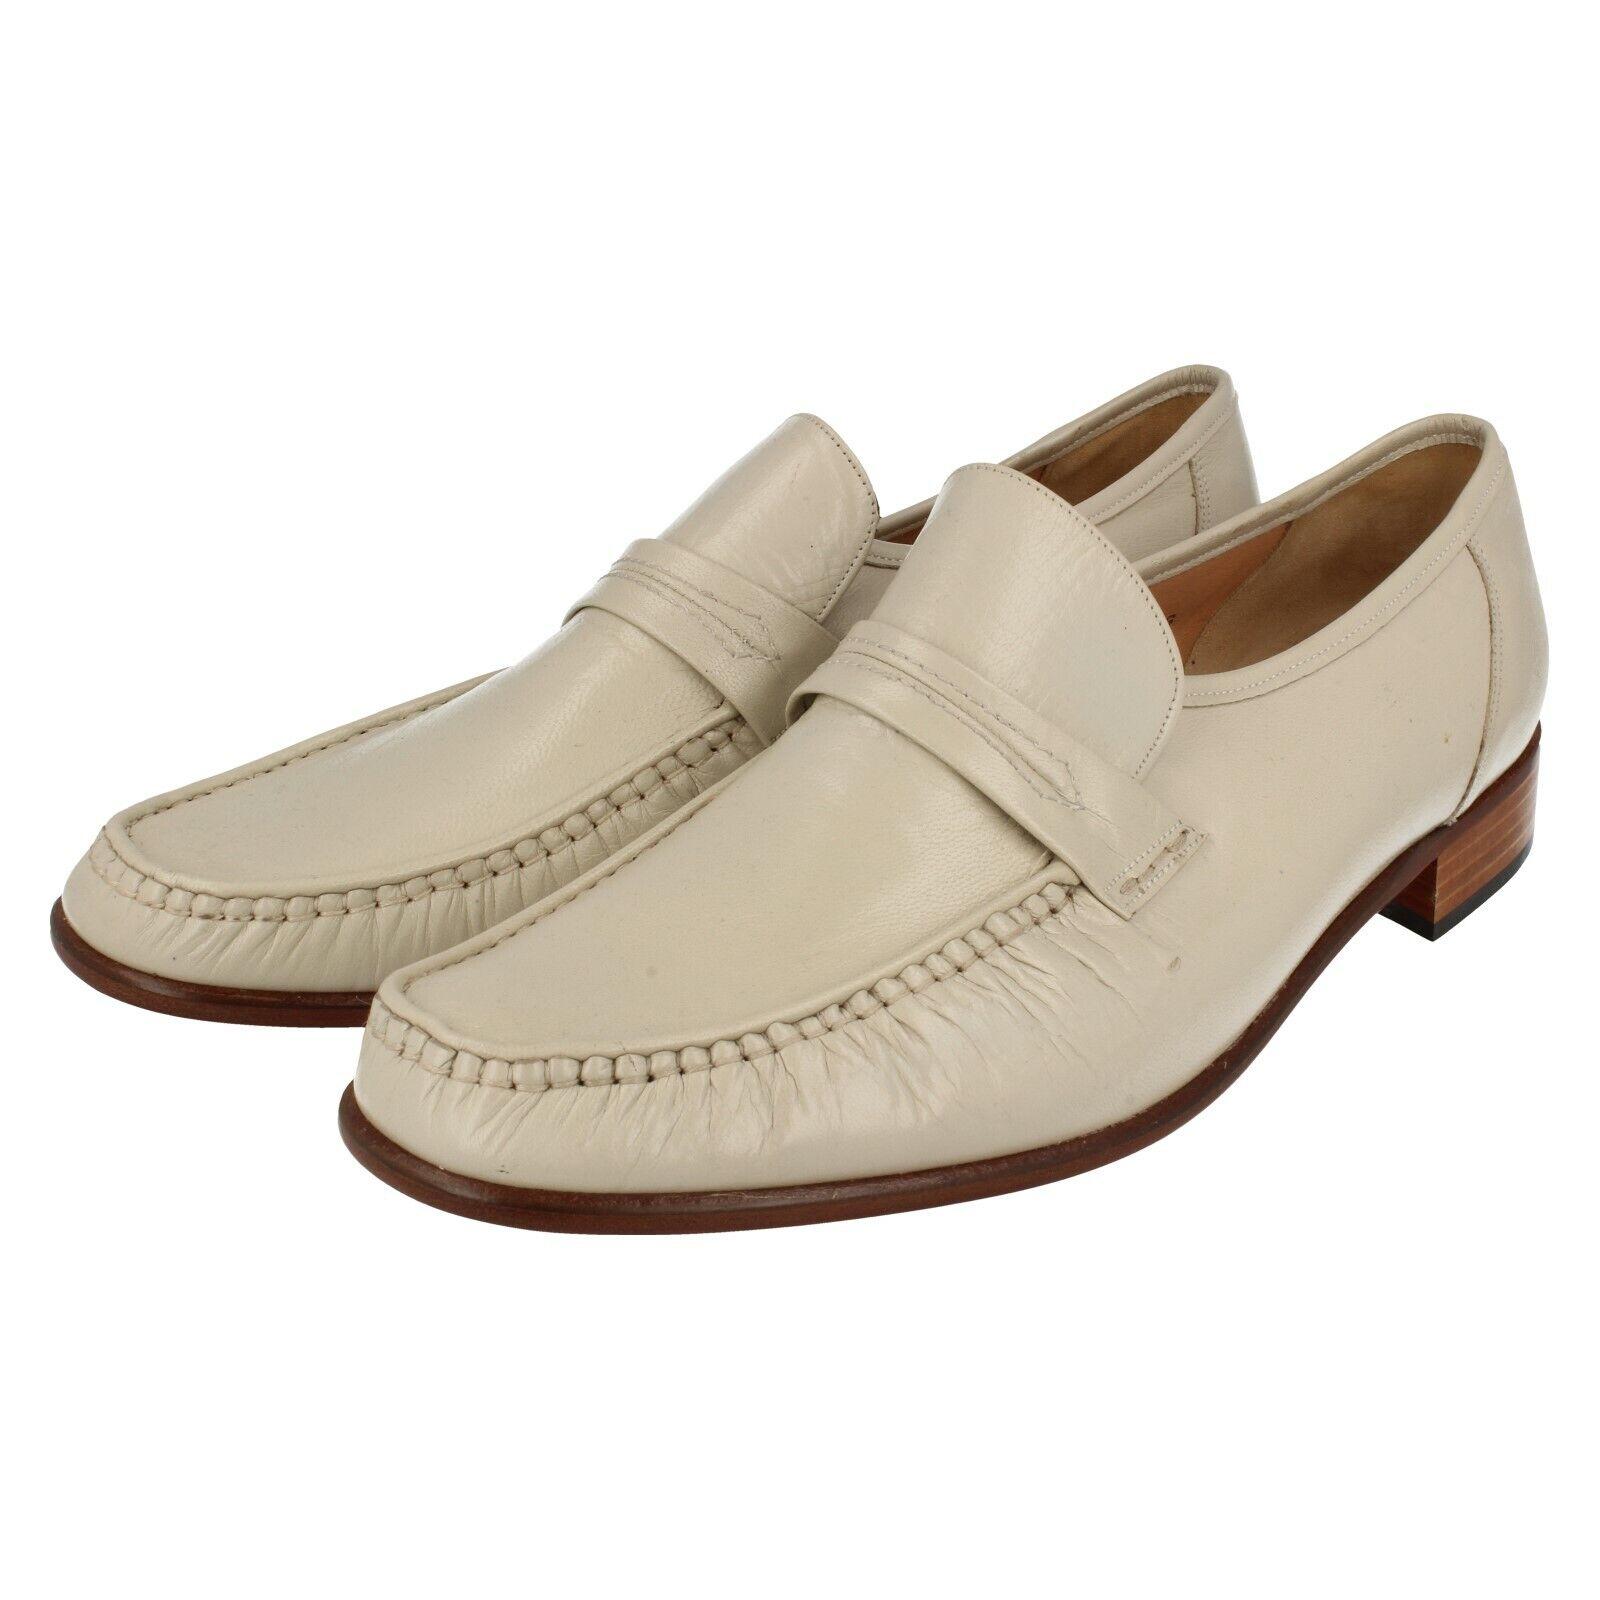 best service d2e5e eeb49 Donna Uomo Victoria scarpe da ginnastica Basse Nero cod.250147 Alta qualità  ed economico Re della quantità semplice,